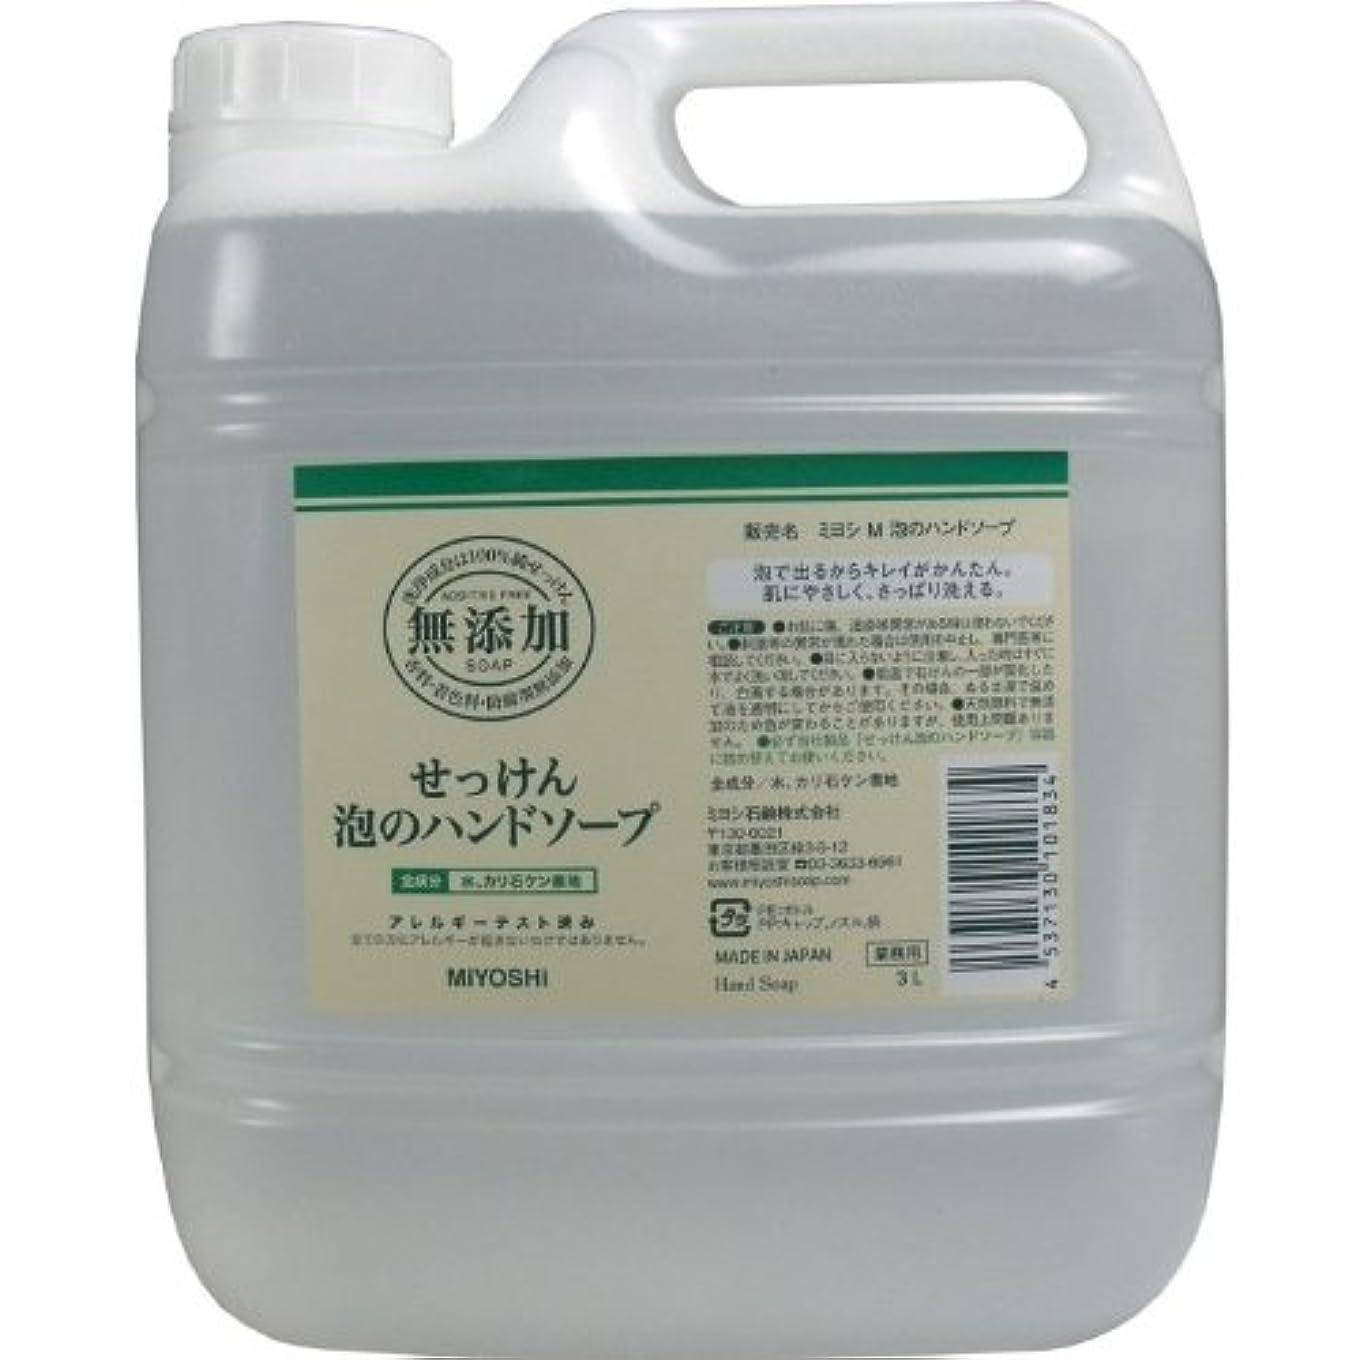 決定秘書カバレッジ泡で出るからキレイが簡単!家事の間のサッと洗いも簡単!香料、着色料、防腐剤無添加!(業務用)3L